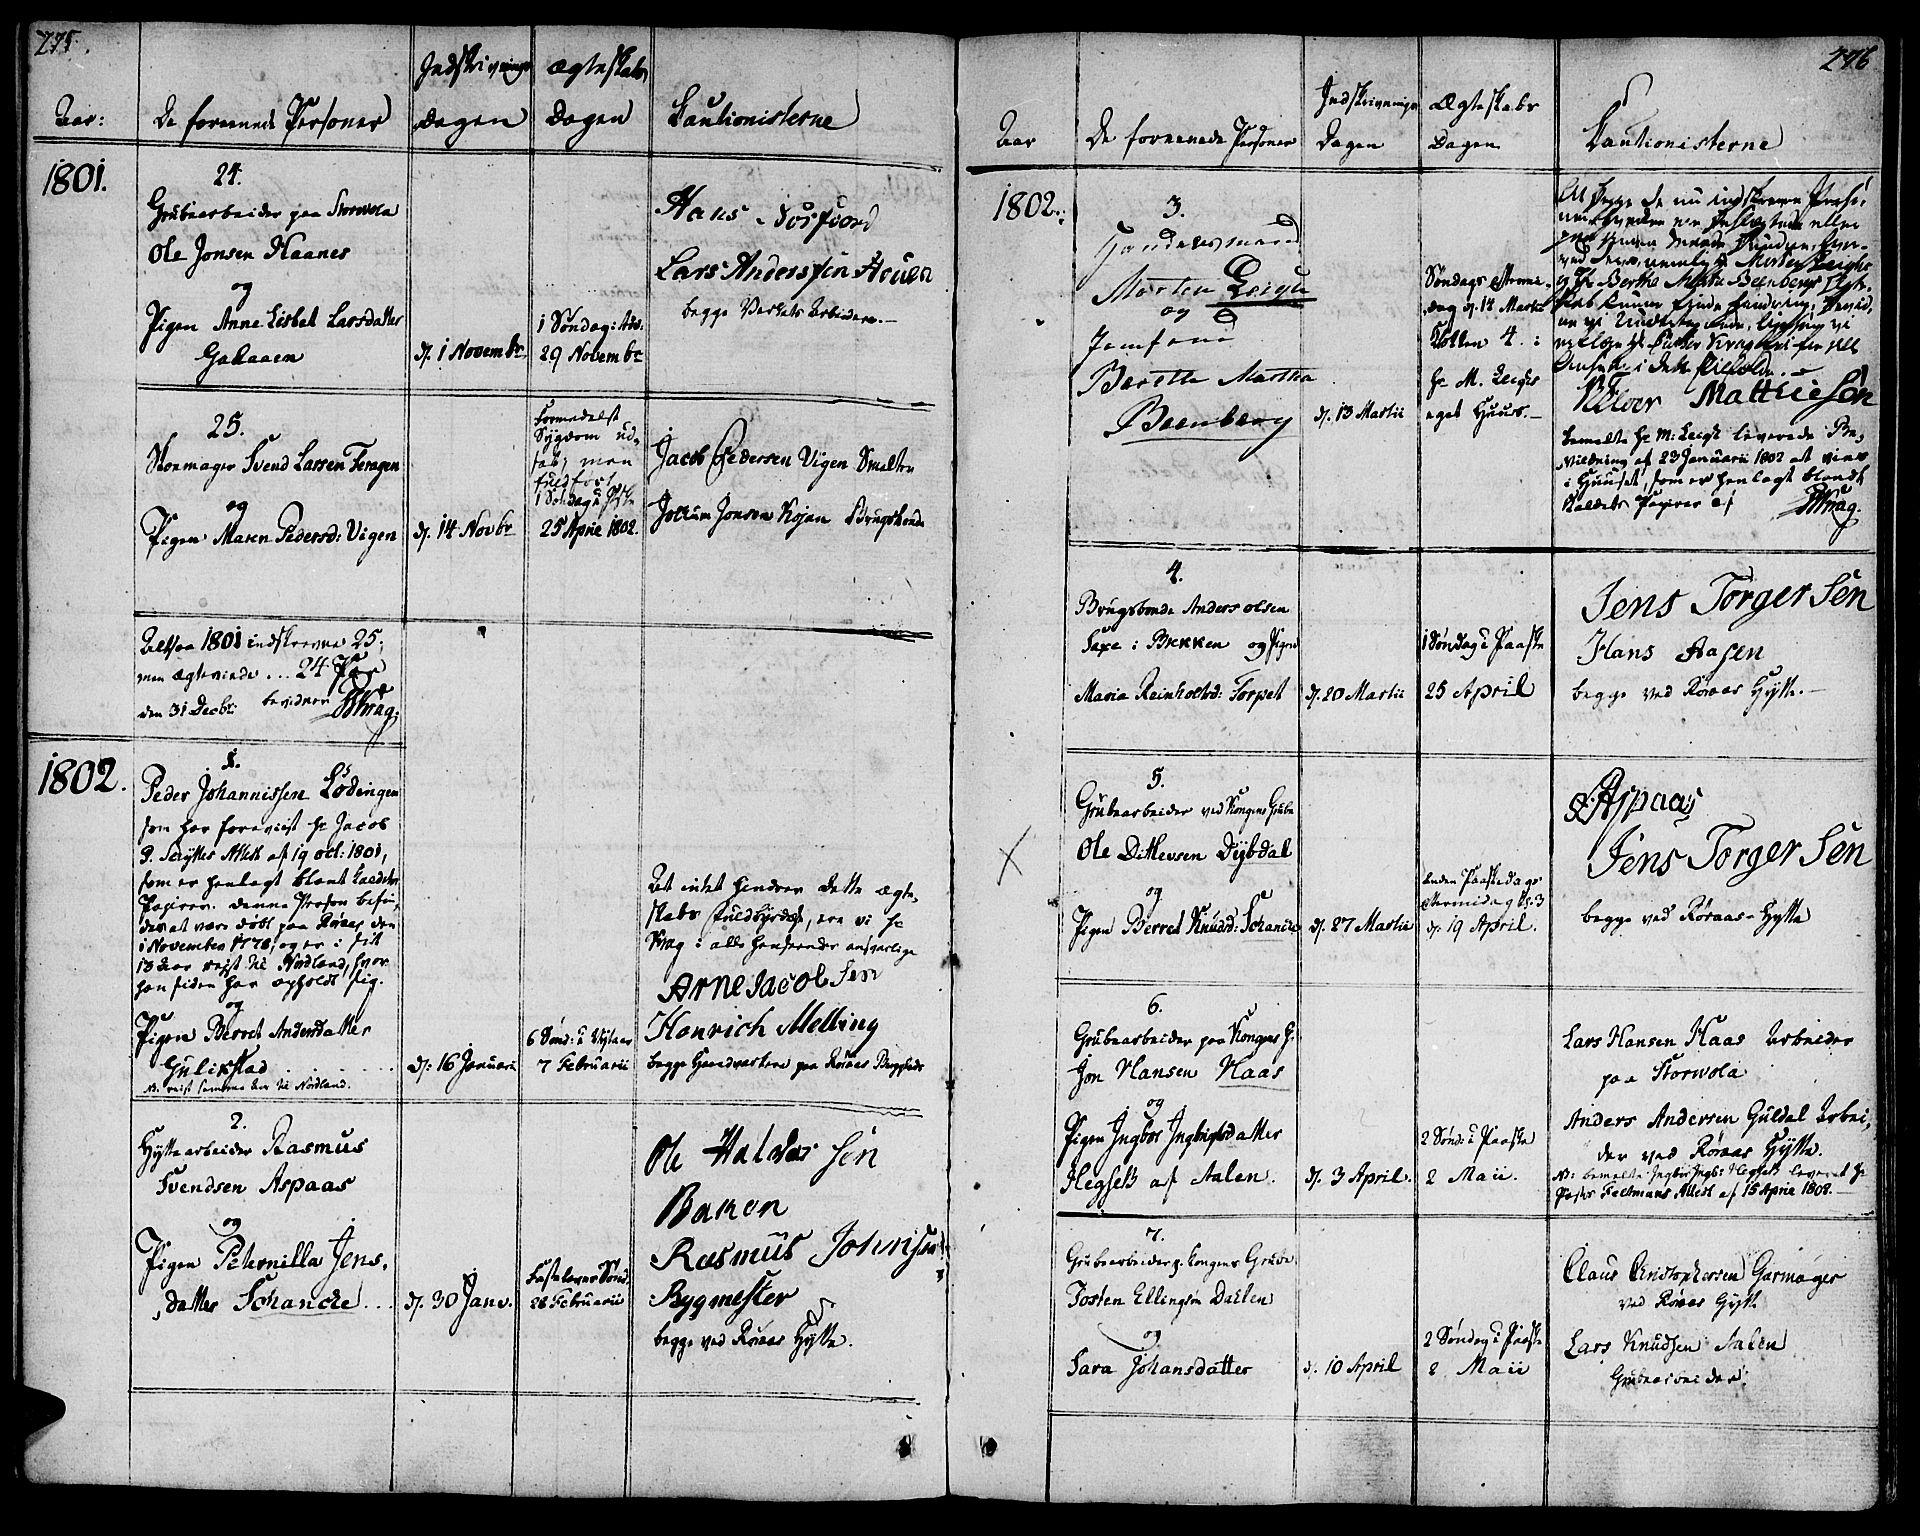 SAT, Ministerialprotokoller, klokkerbøker og fødselsregistre - Sør-Trøndelag, 681/L0927: Ministerialbok nr. 681A05, 1798-1808, s. 275-276